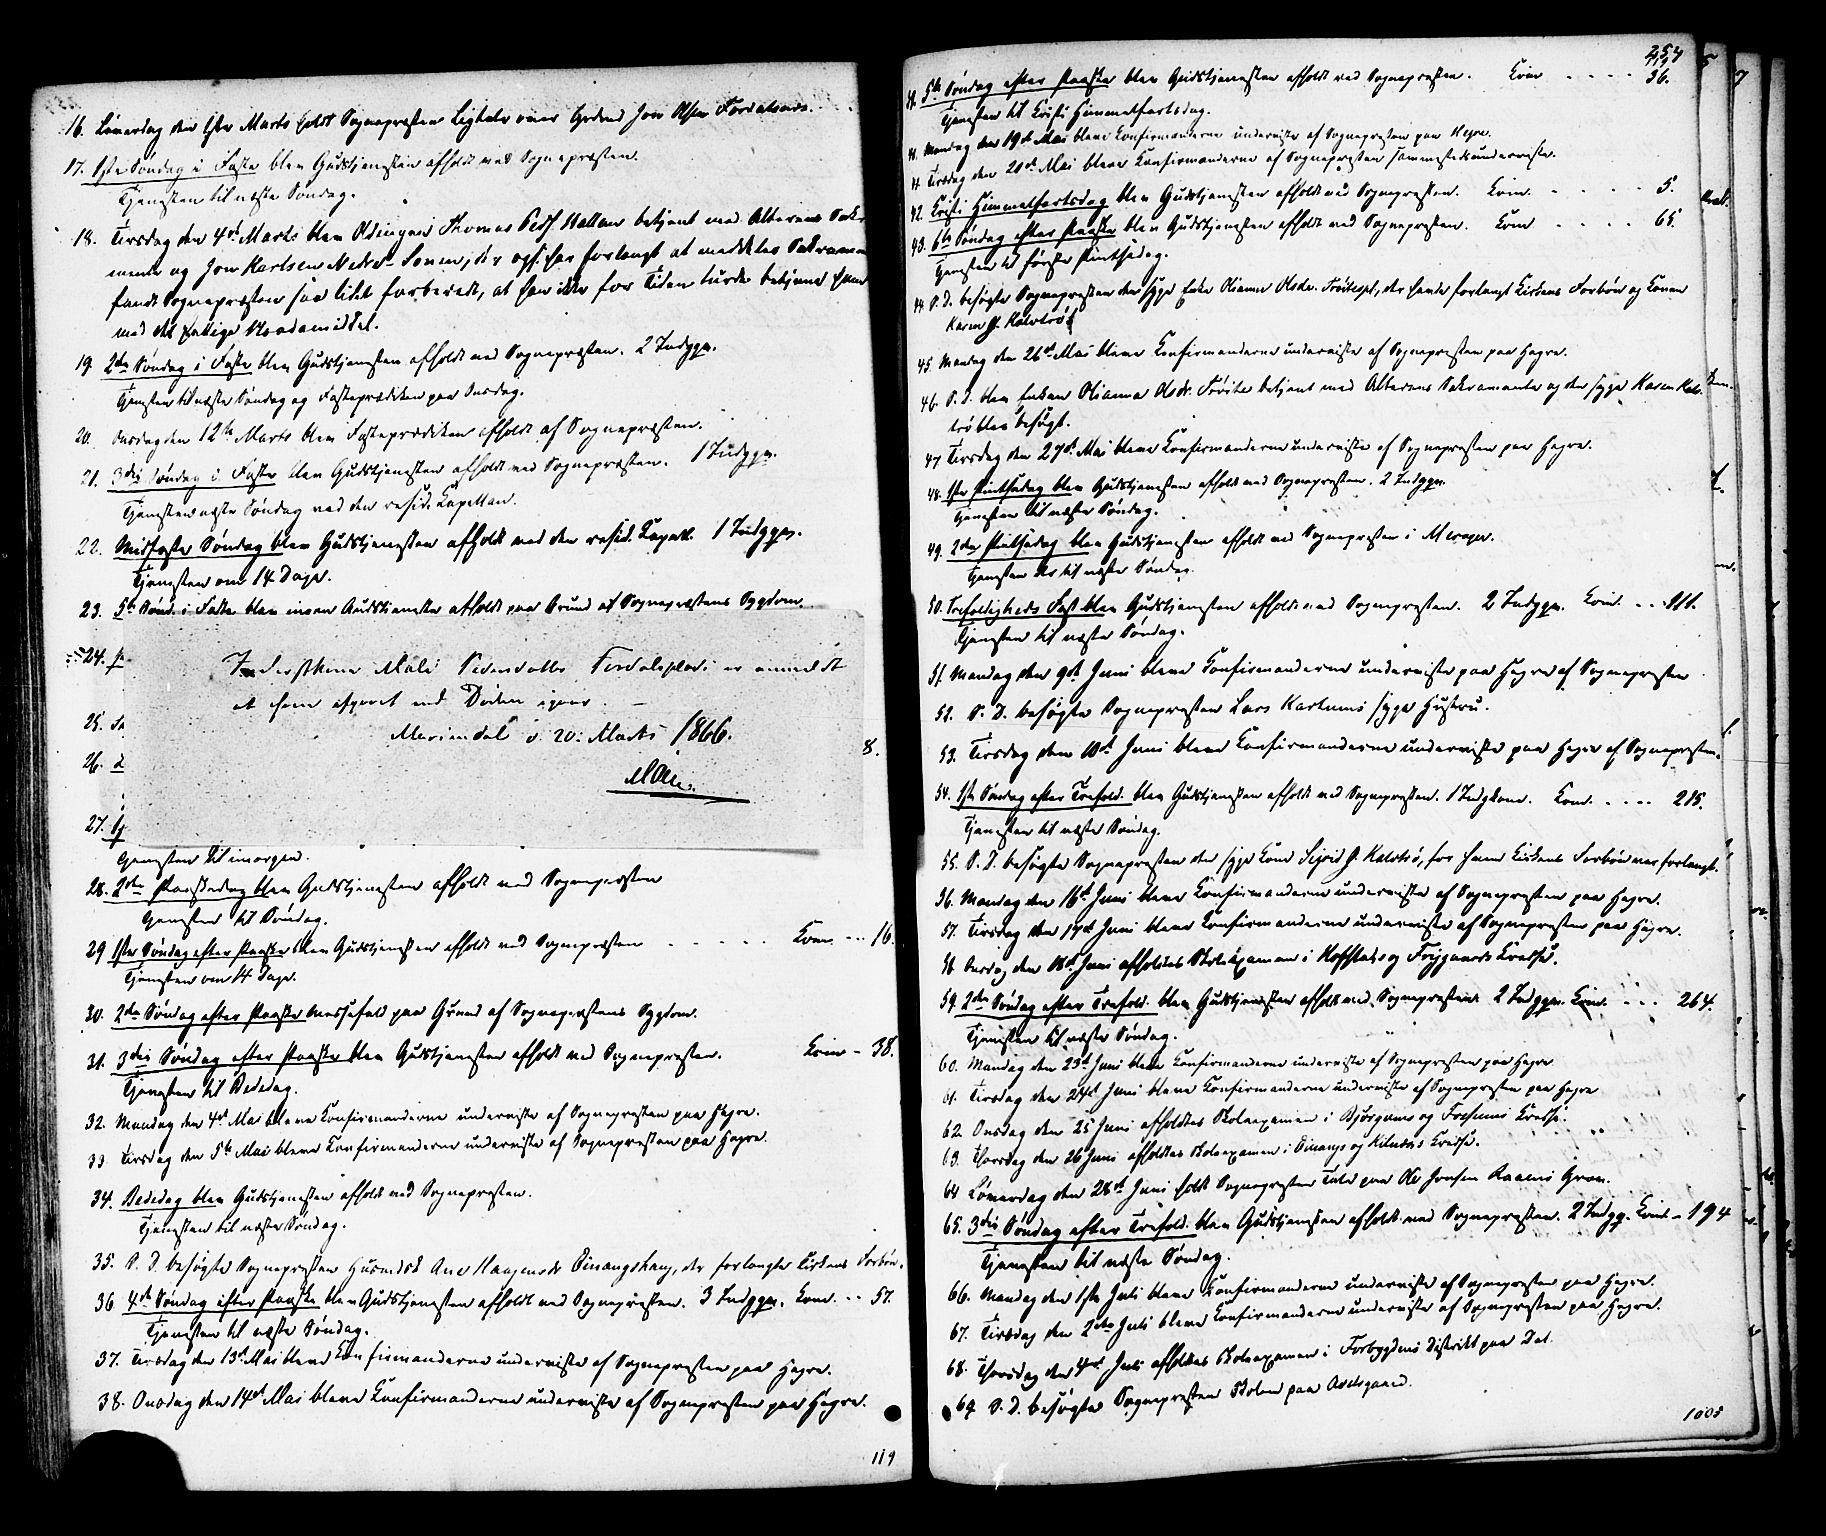 SAT, Ministerialprotokoller, klokkerbøker og fødselsregistre - Nord-Trøndelag, 703/L0029: Ministerialbok nr. 703A02, 1863-1879, s. 254